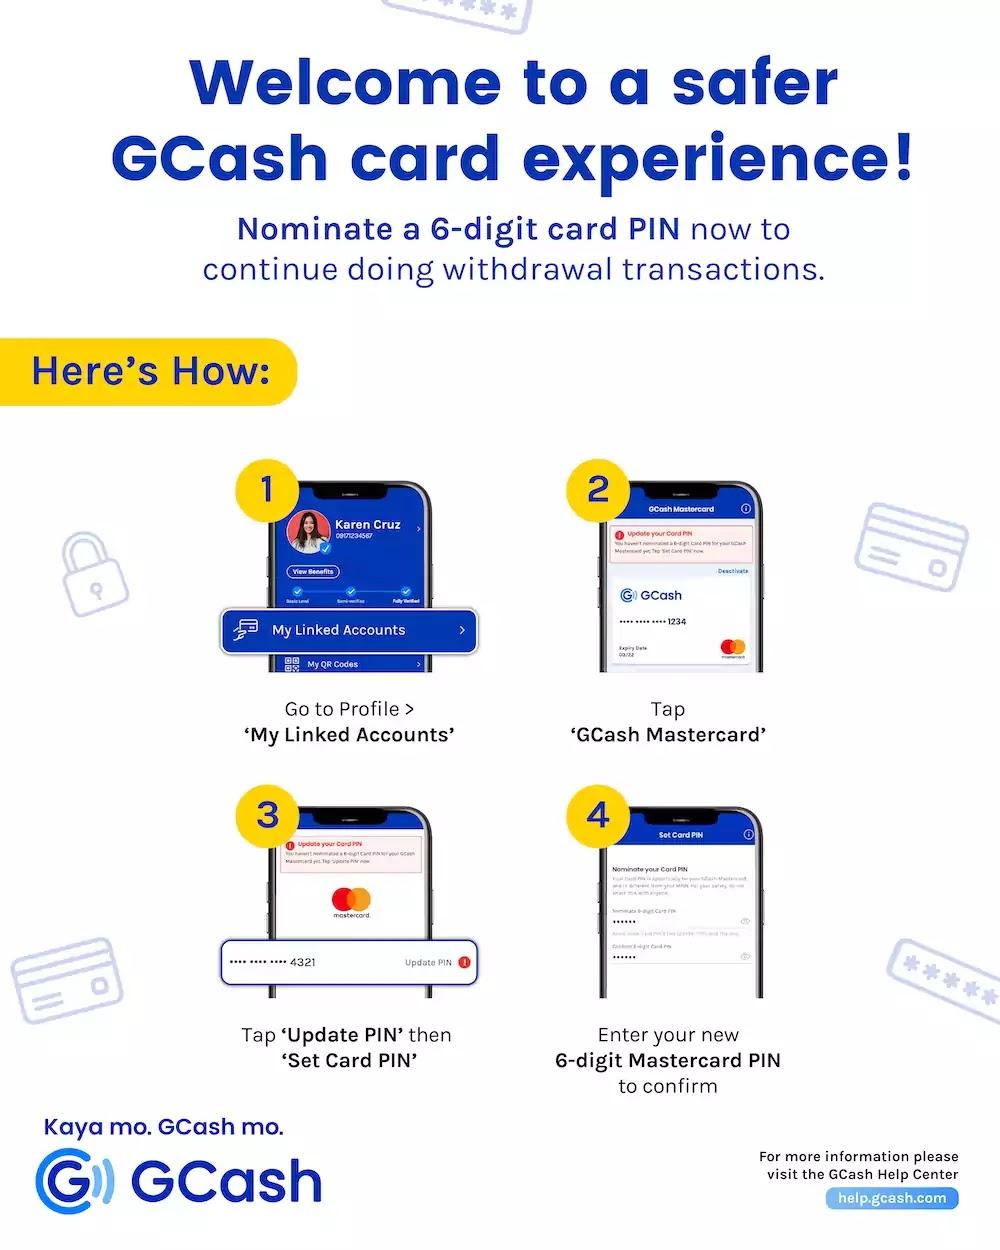 6-digit Card PIN upgrade to GCash Card